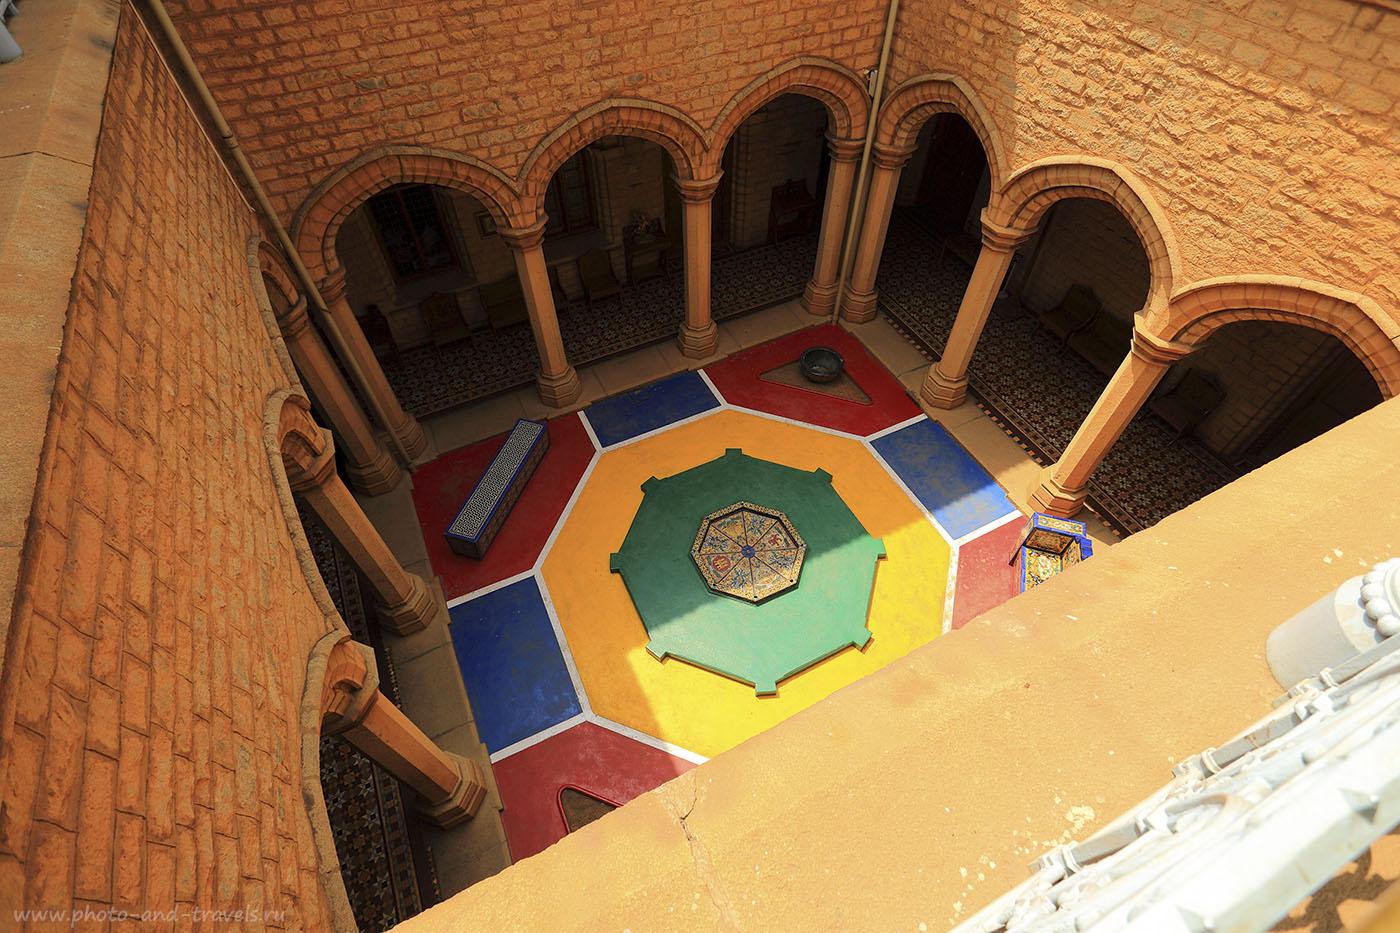 Фотография 6. Внутренний дворик дворца в Бангалоре